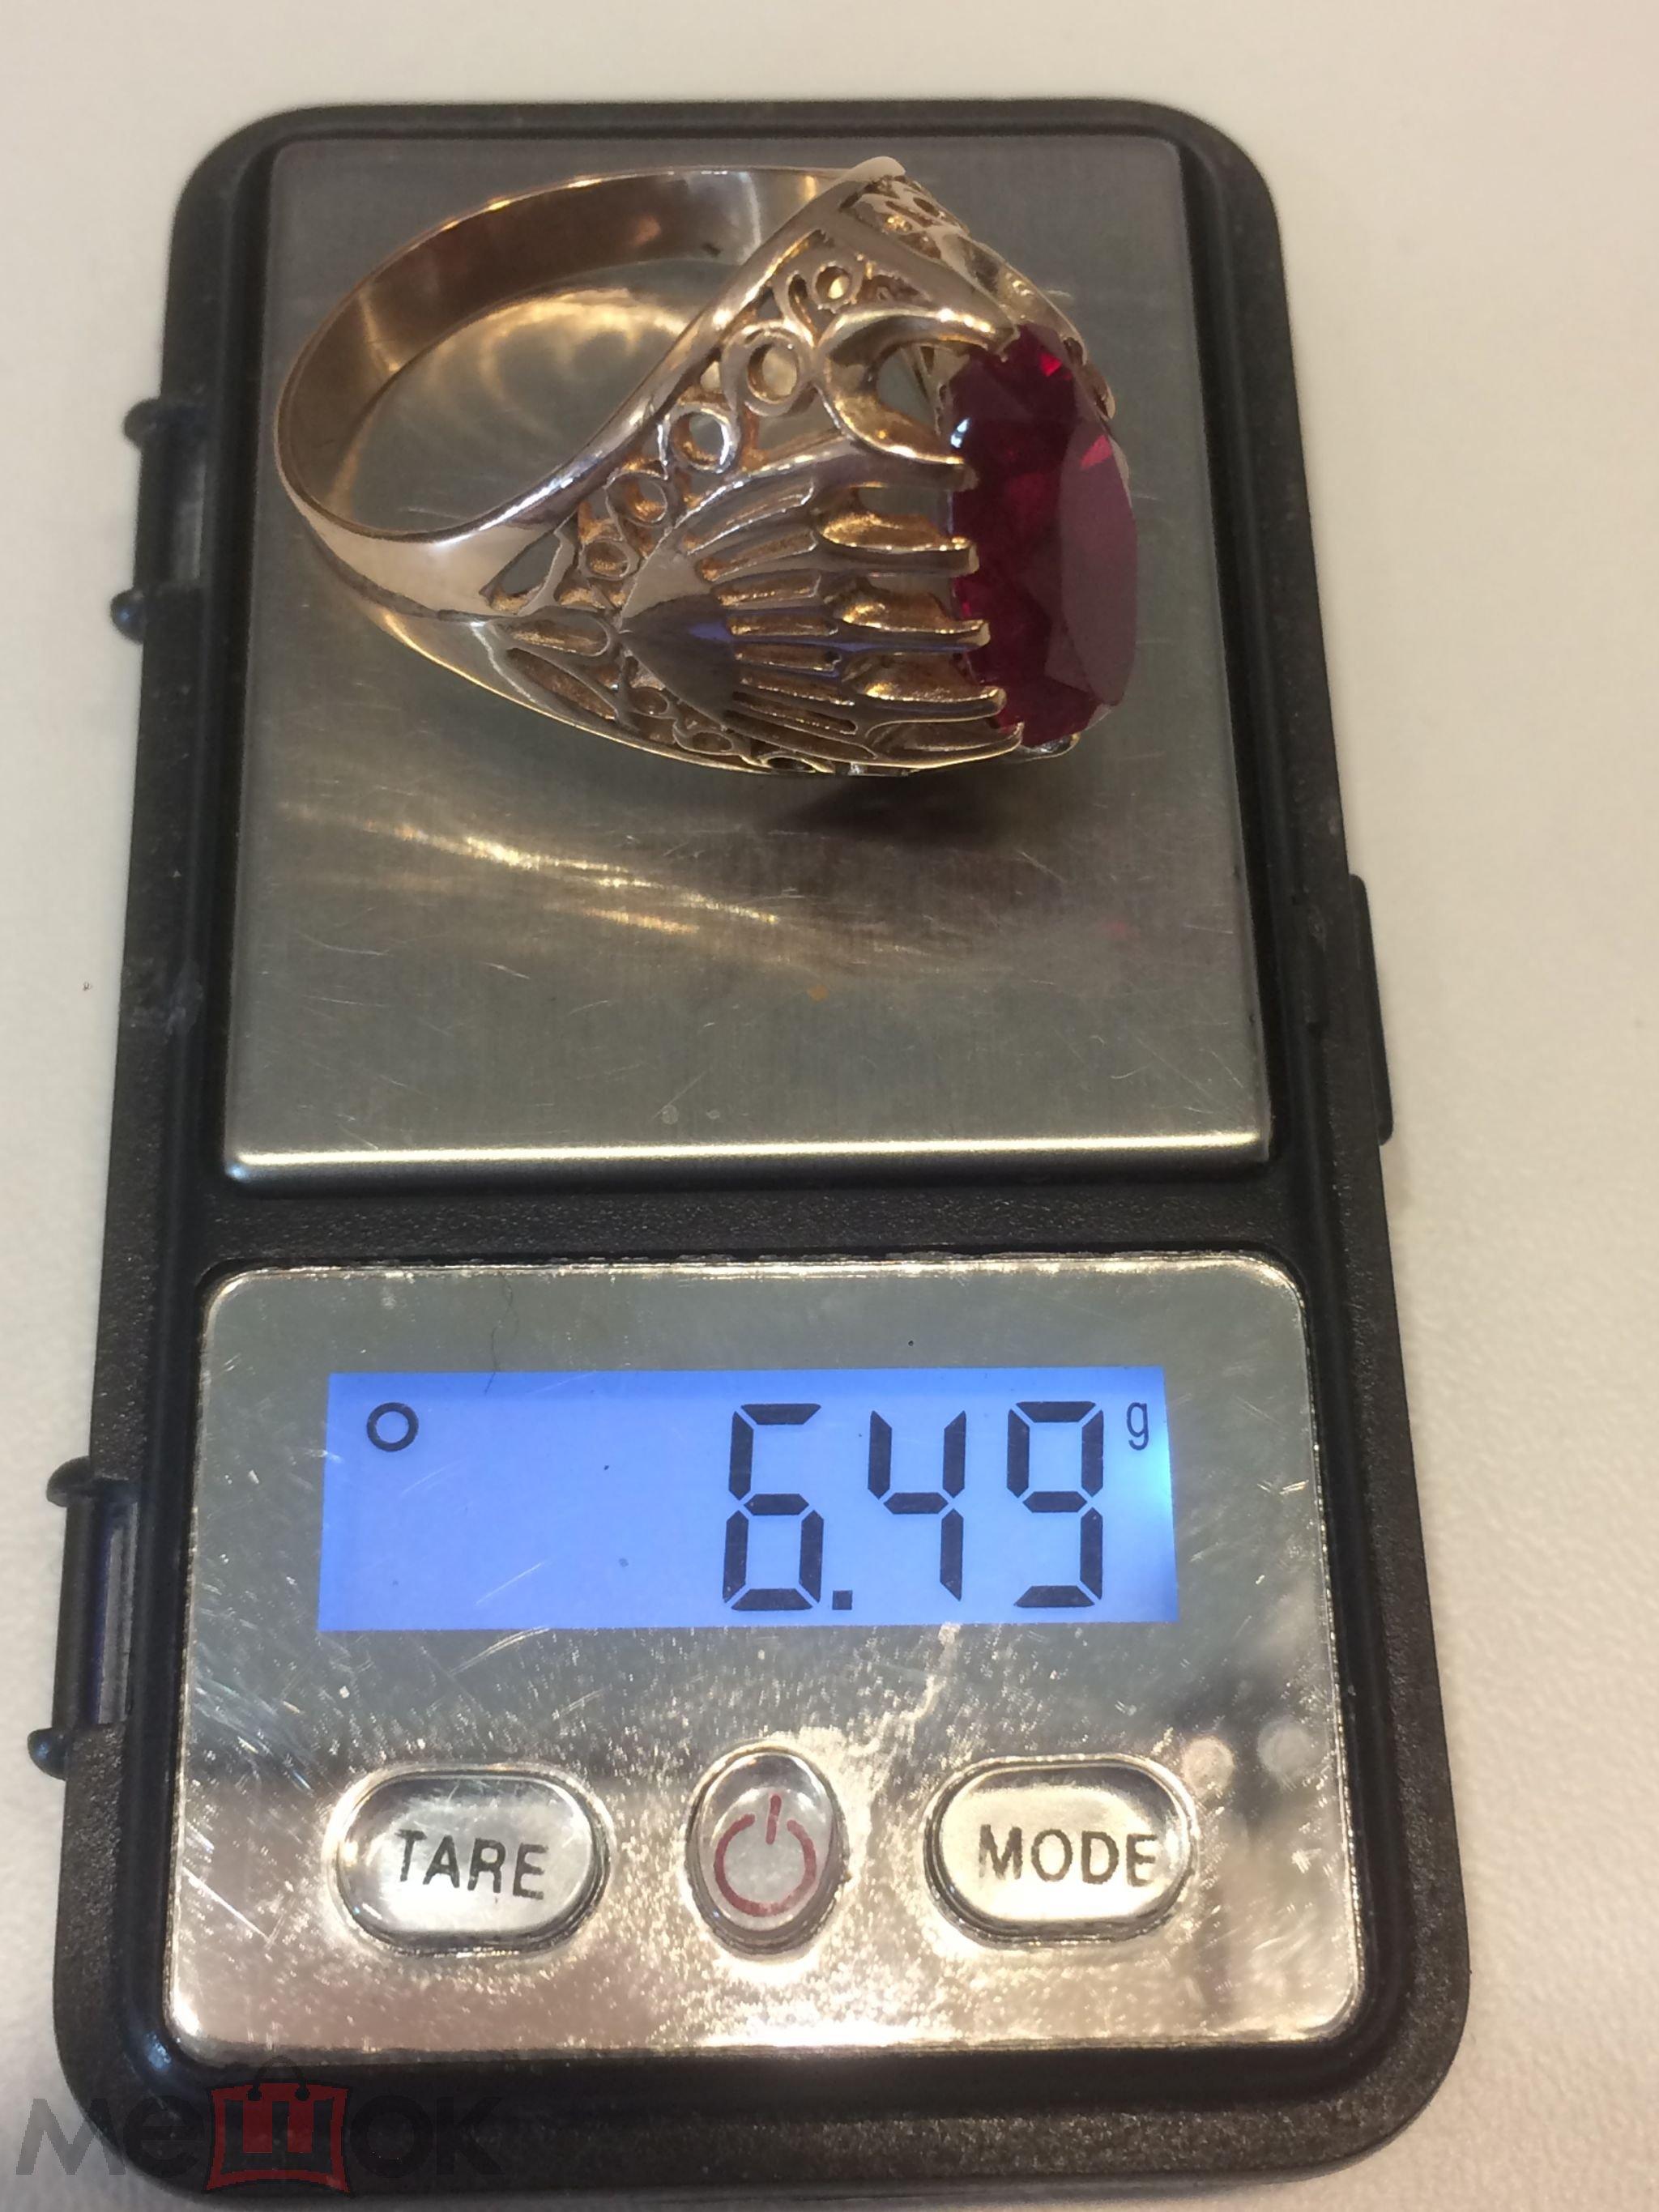 f491a0ad5ee Шикарное золотое кольцо с рубином. Золото СССР. Проба 583. Не дорого. более  не продается. Возможно